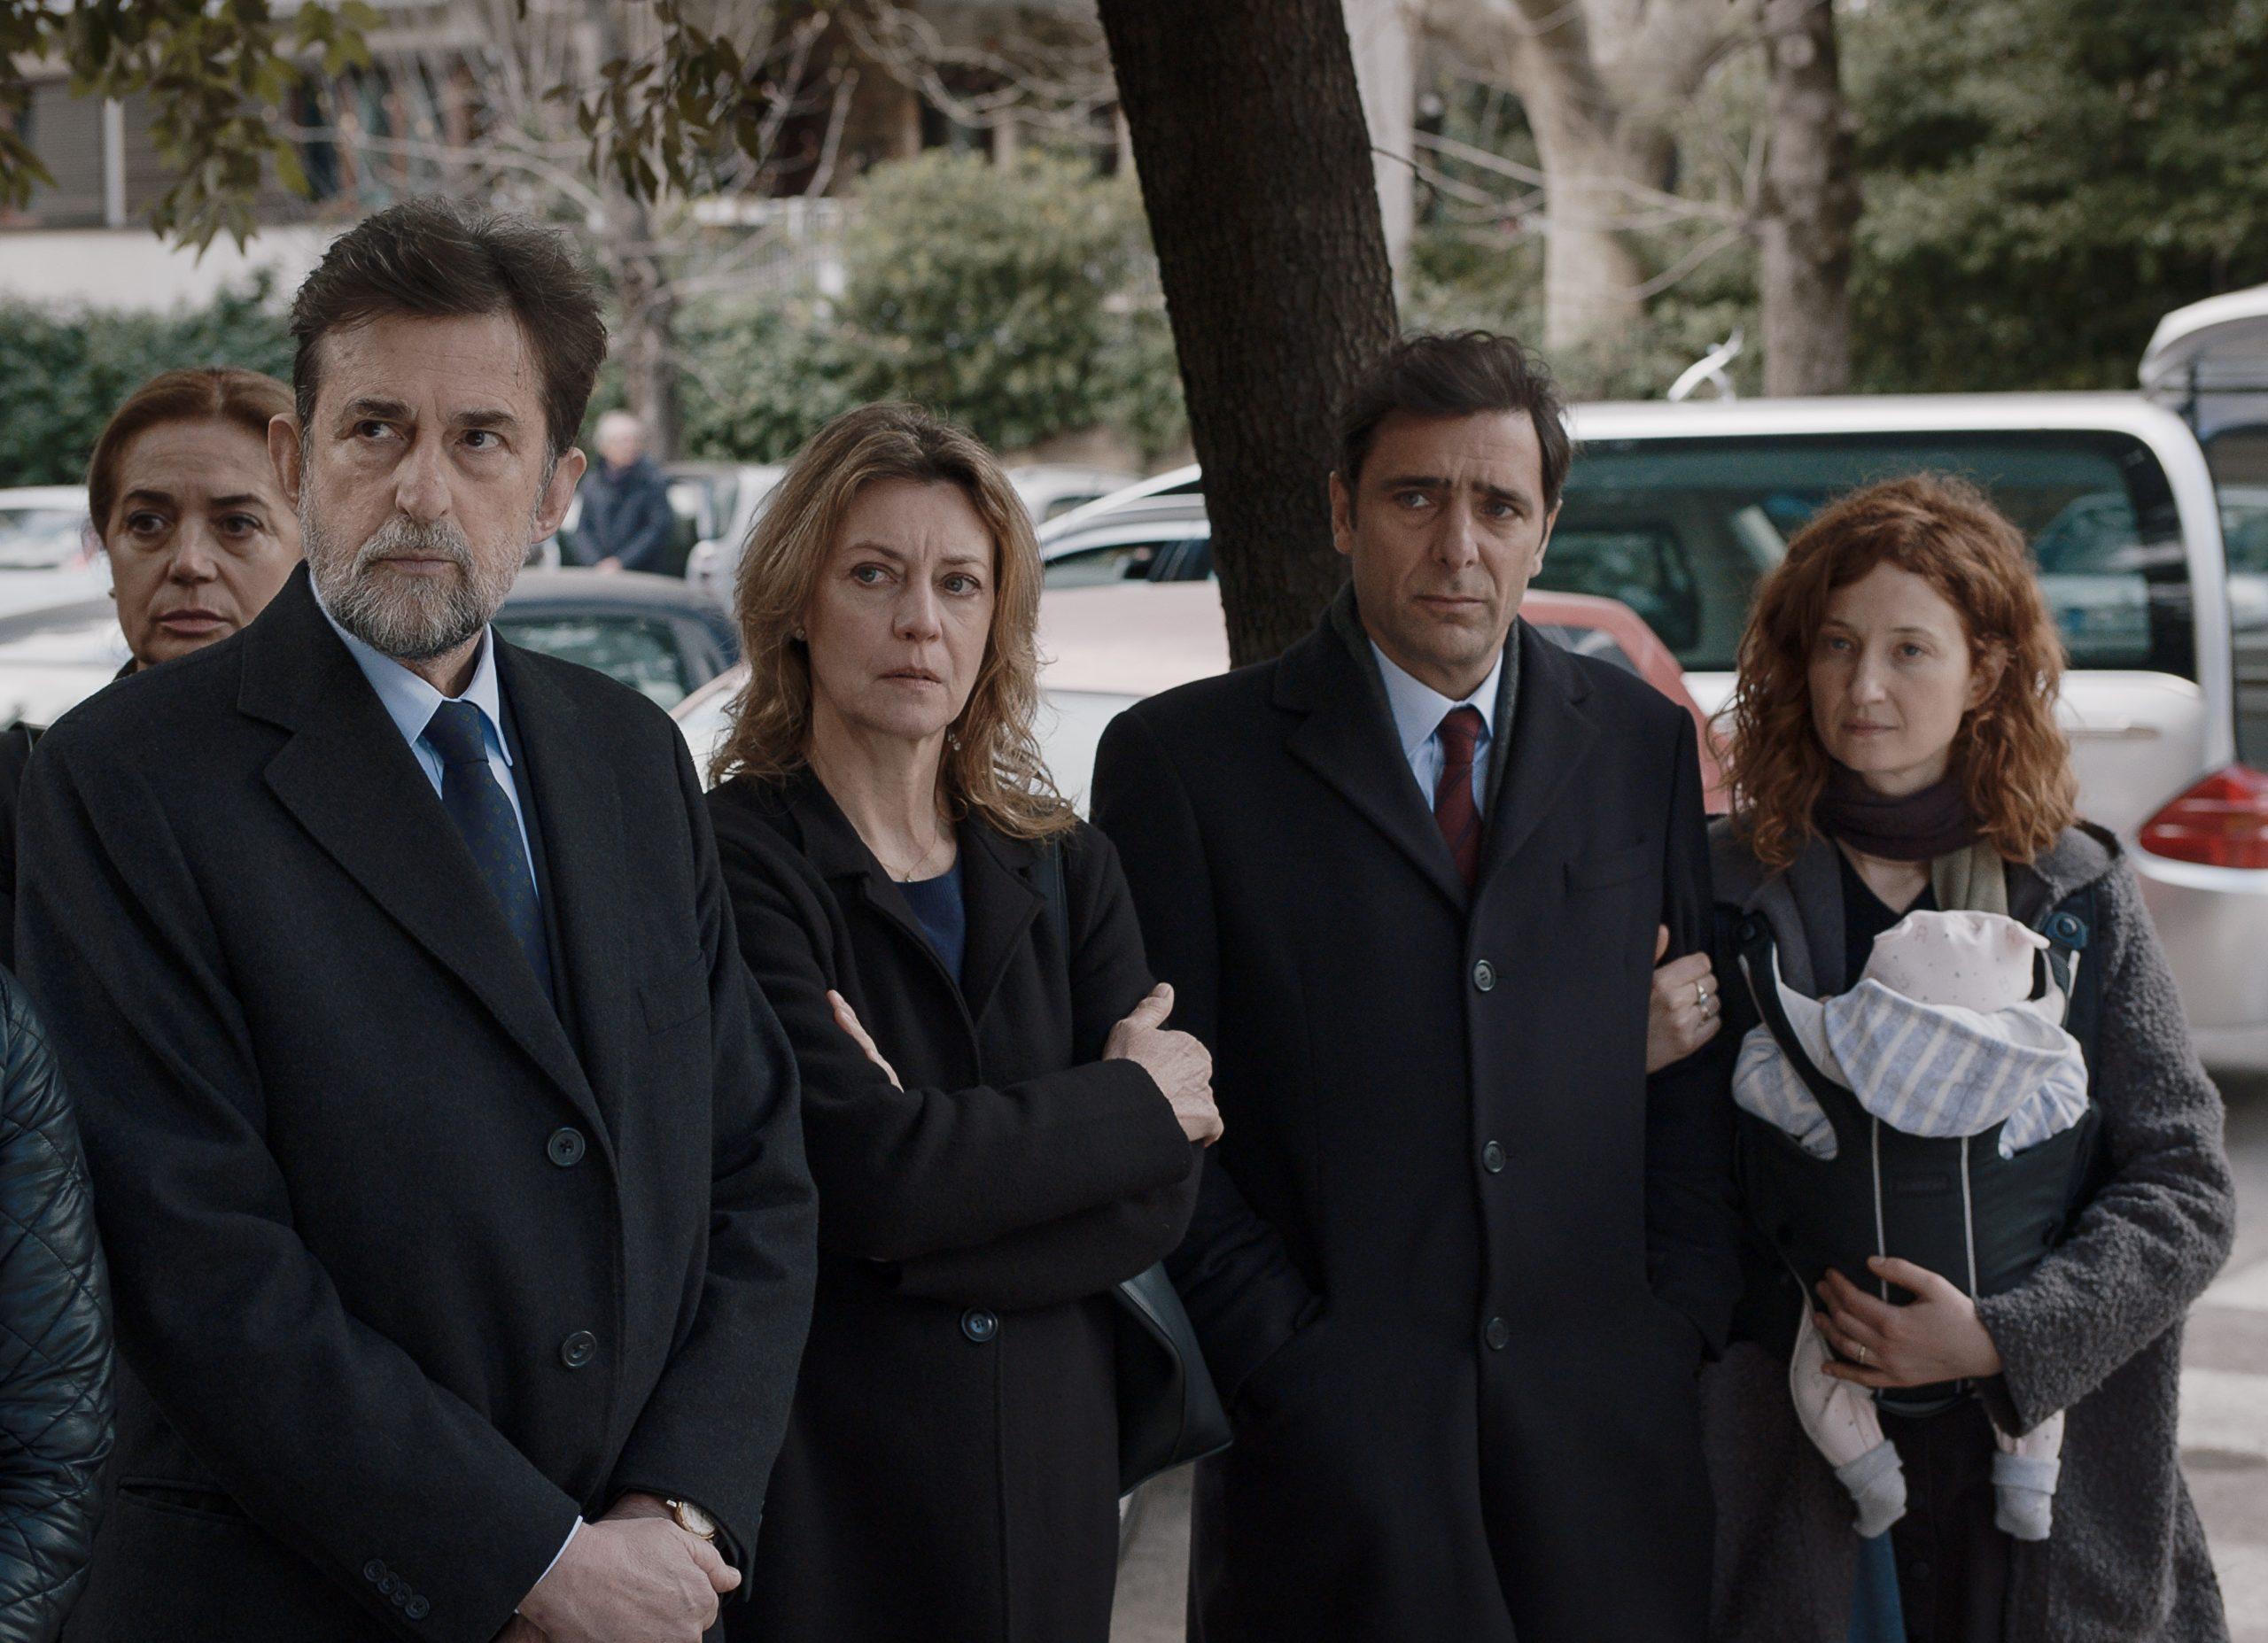 Nanni Moretti, Margherita Buy, Adirano Giannini, Alba Rohrwacher in Tre Piani